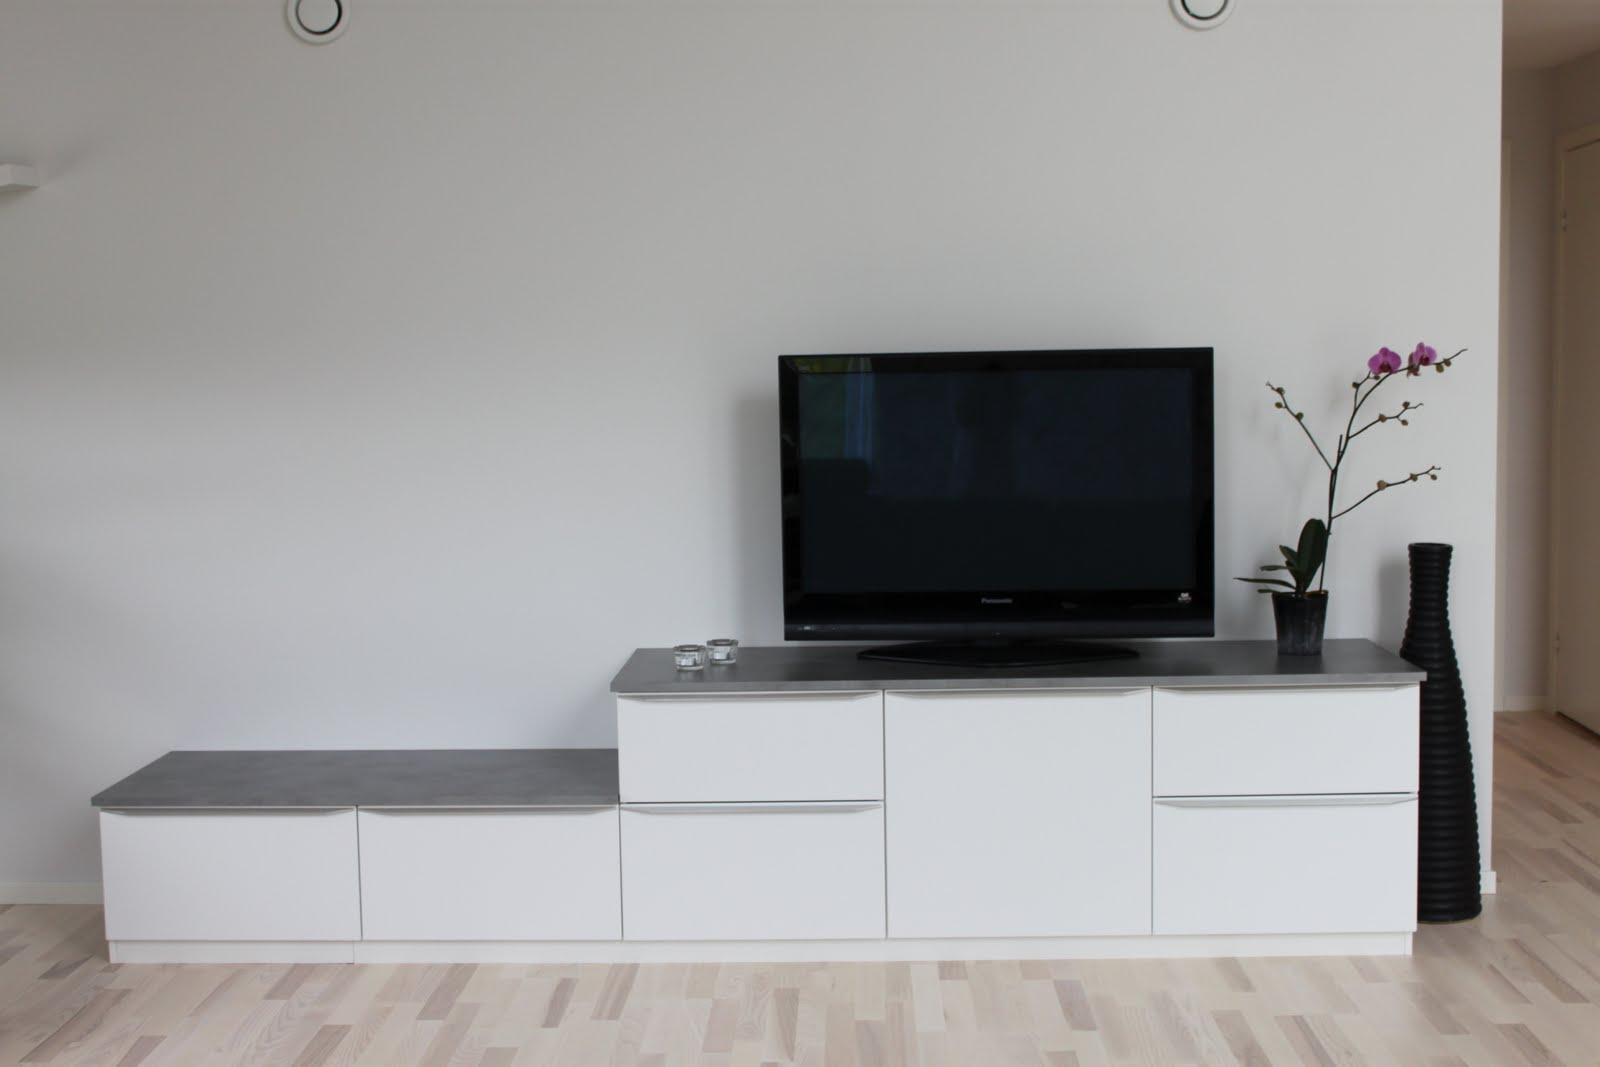 Hus p? Rophus: TV-BENK